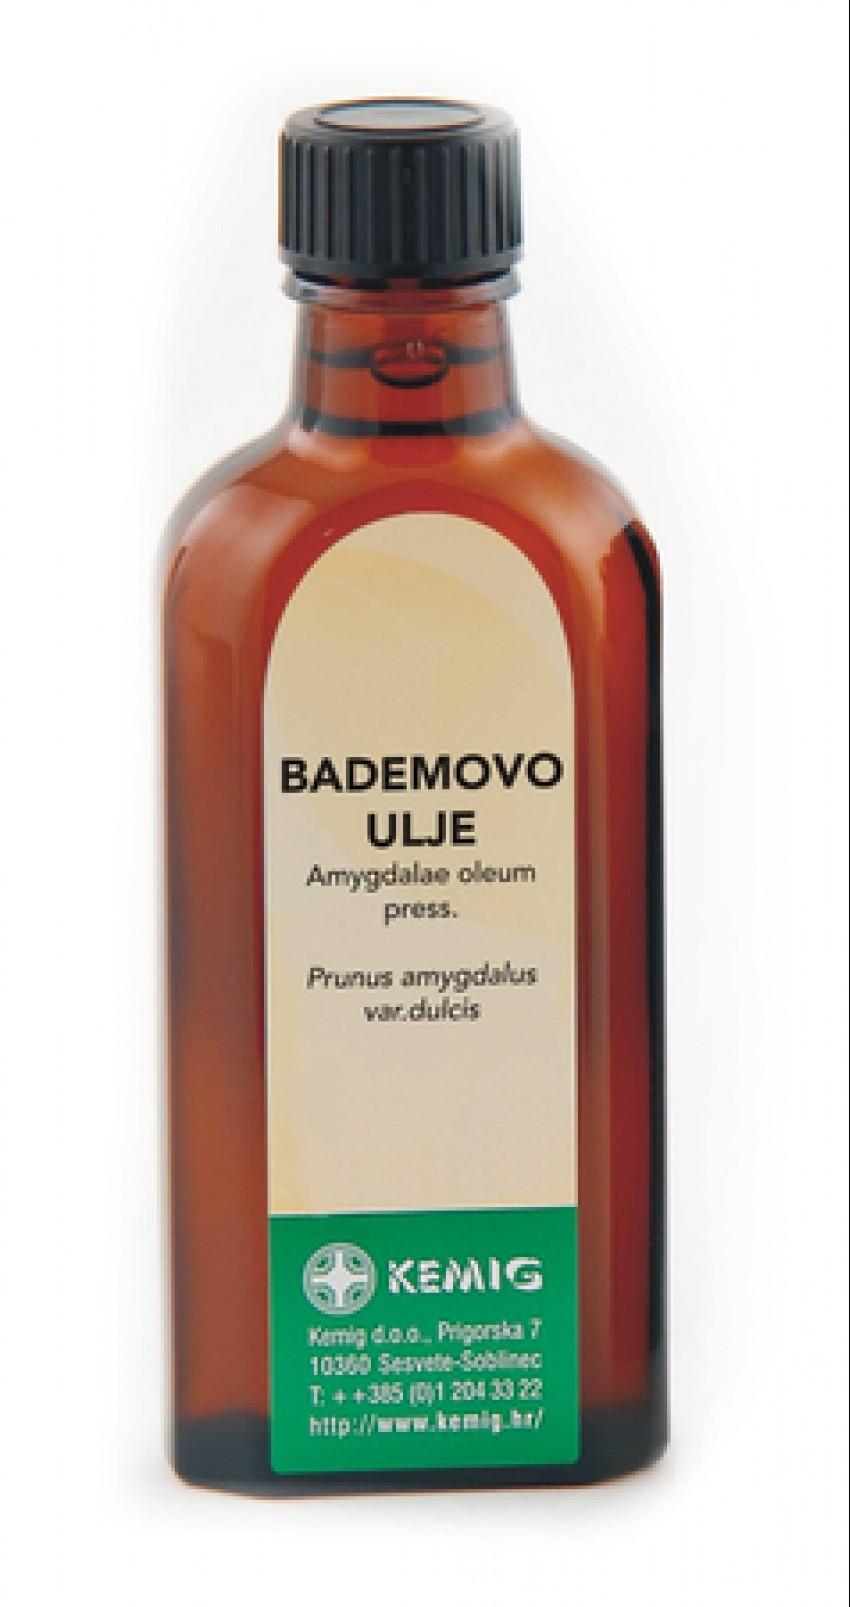 bademovo ulje